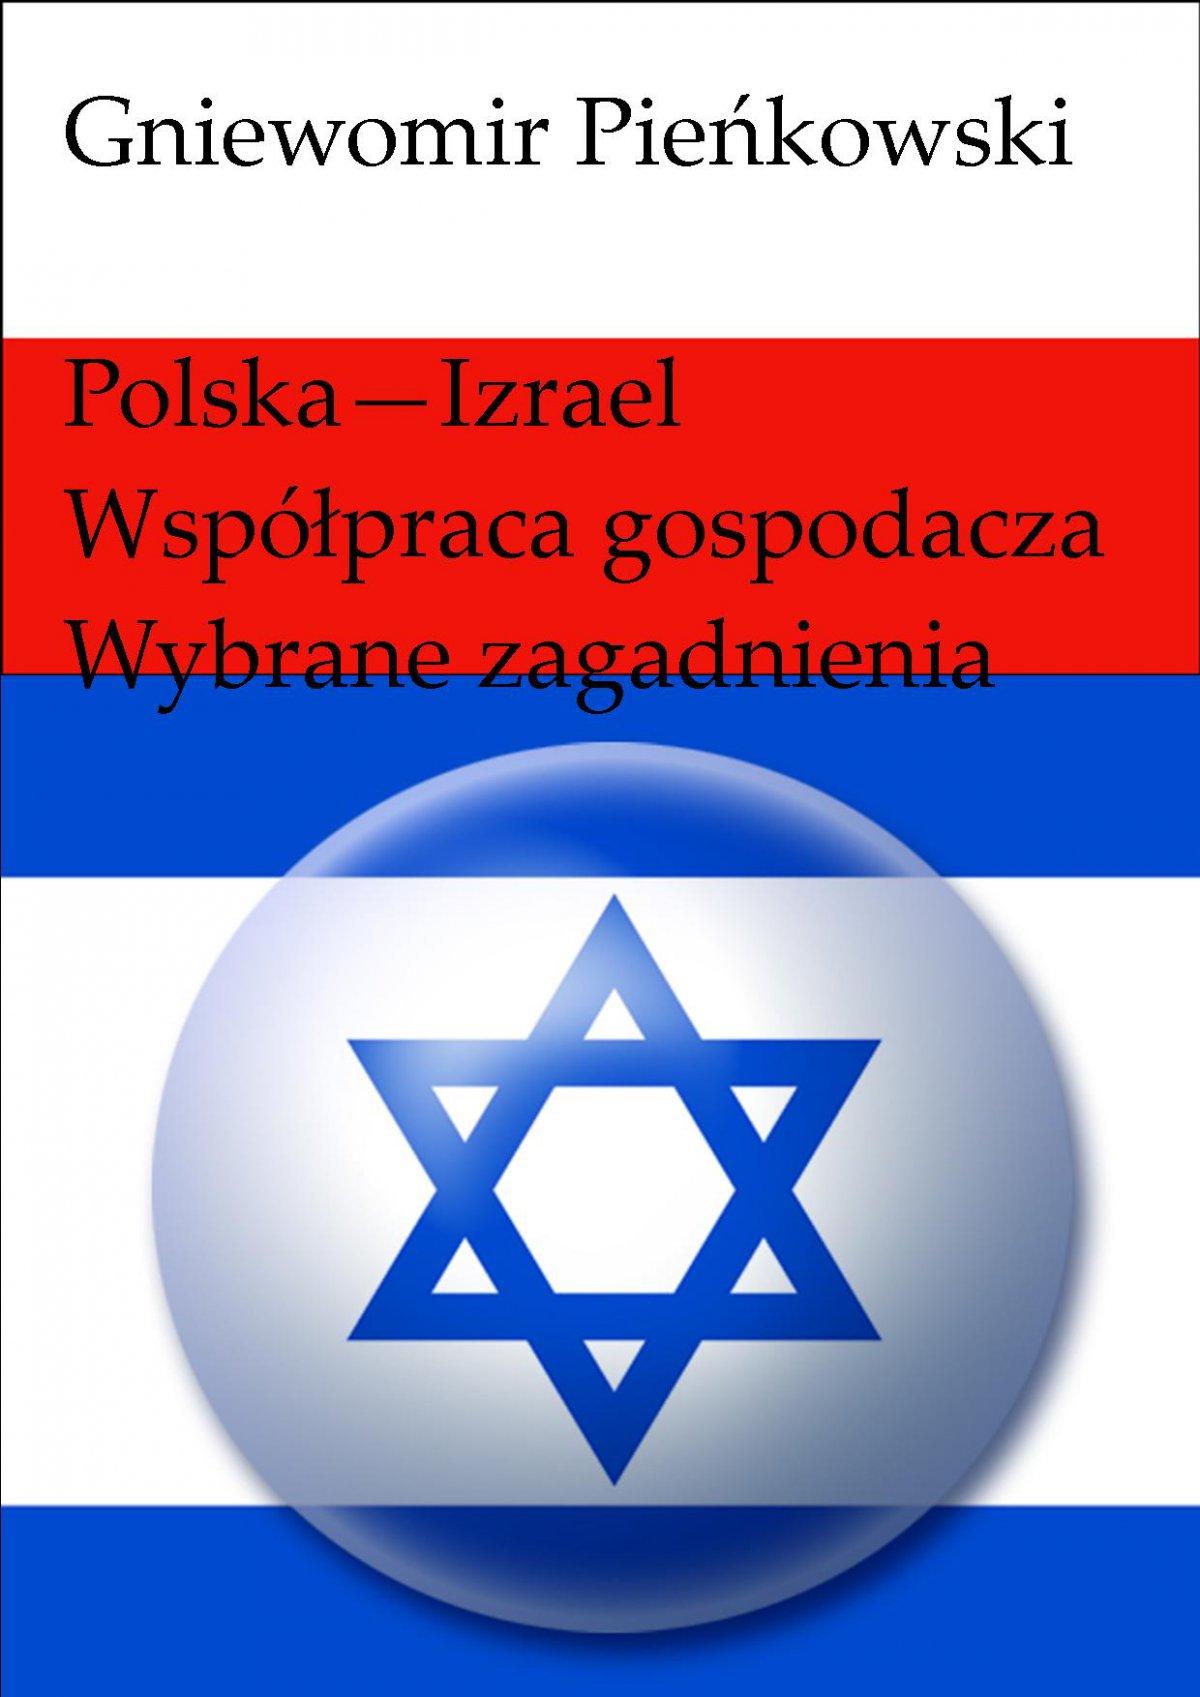 Polska - Izrael. Współpraca gospodarcza - wybrane zagadnienia - Ebook (Książka PDF) do pobrania w formacie PDF